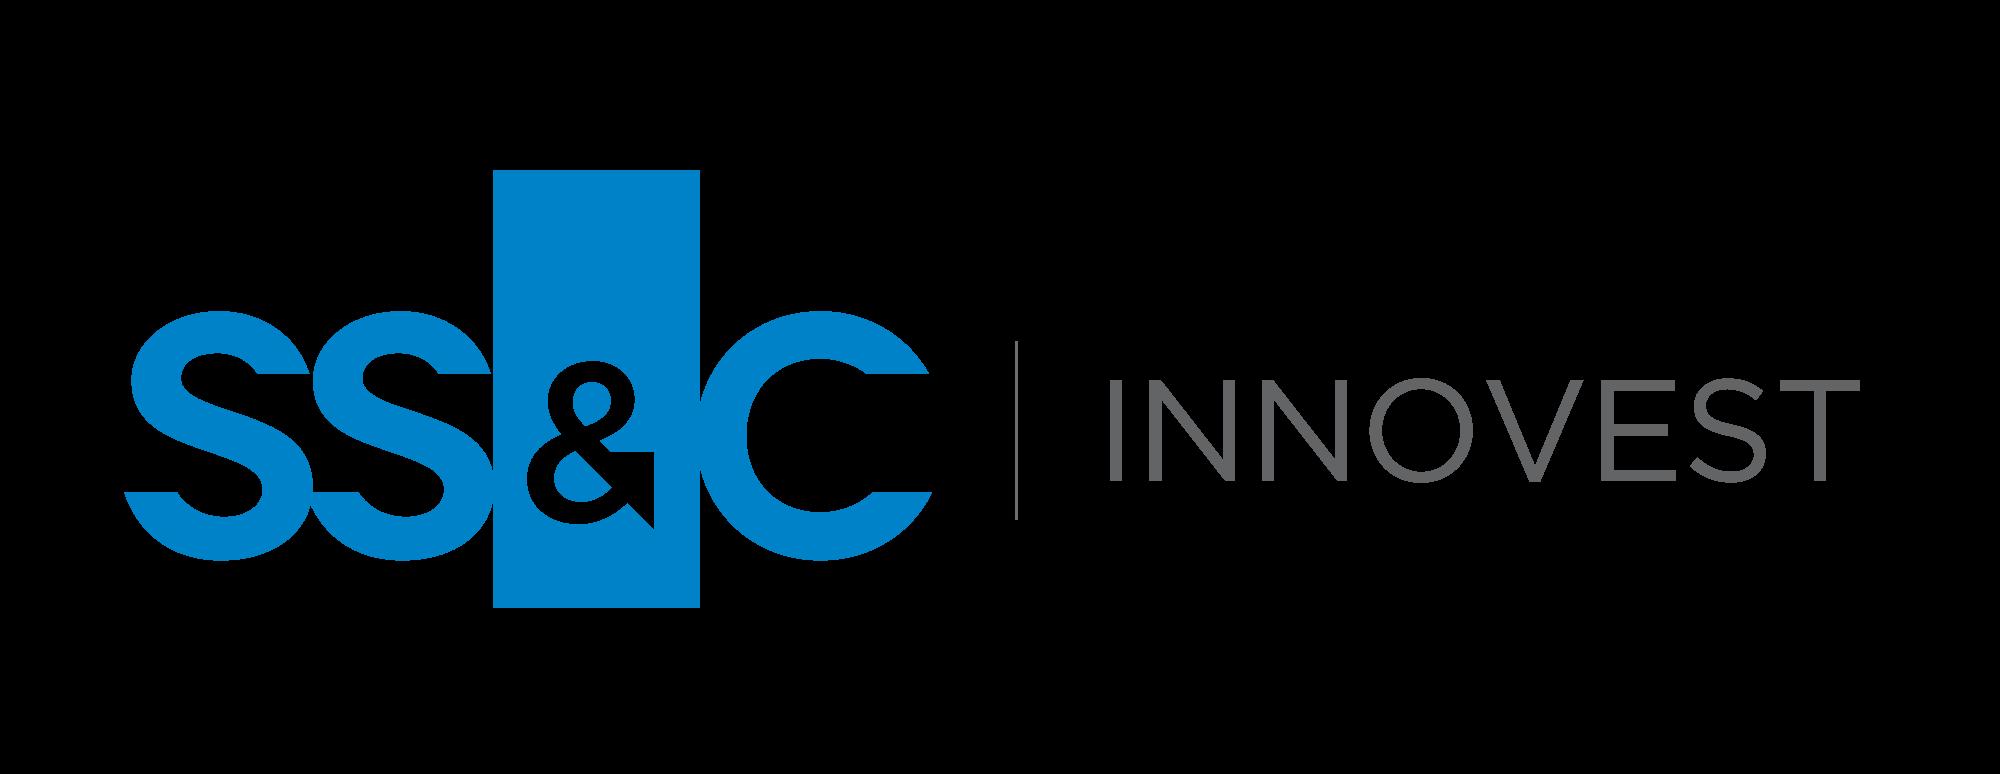 SS&C-Innovest-Logo-Horizontal-CMYK-2000w